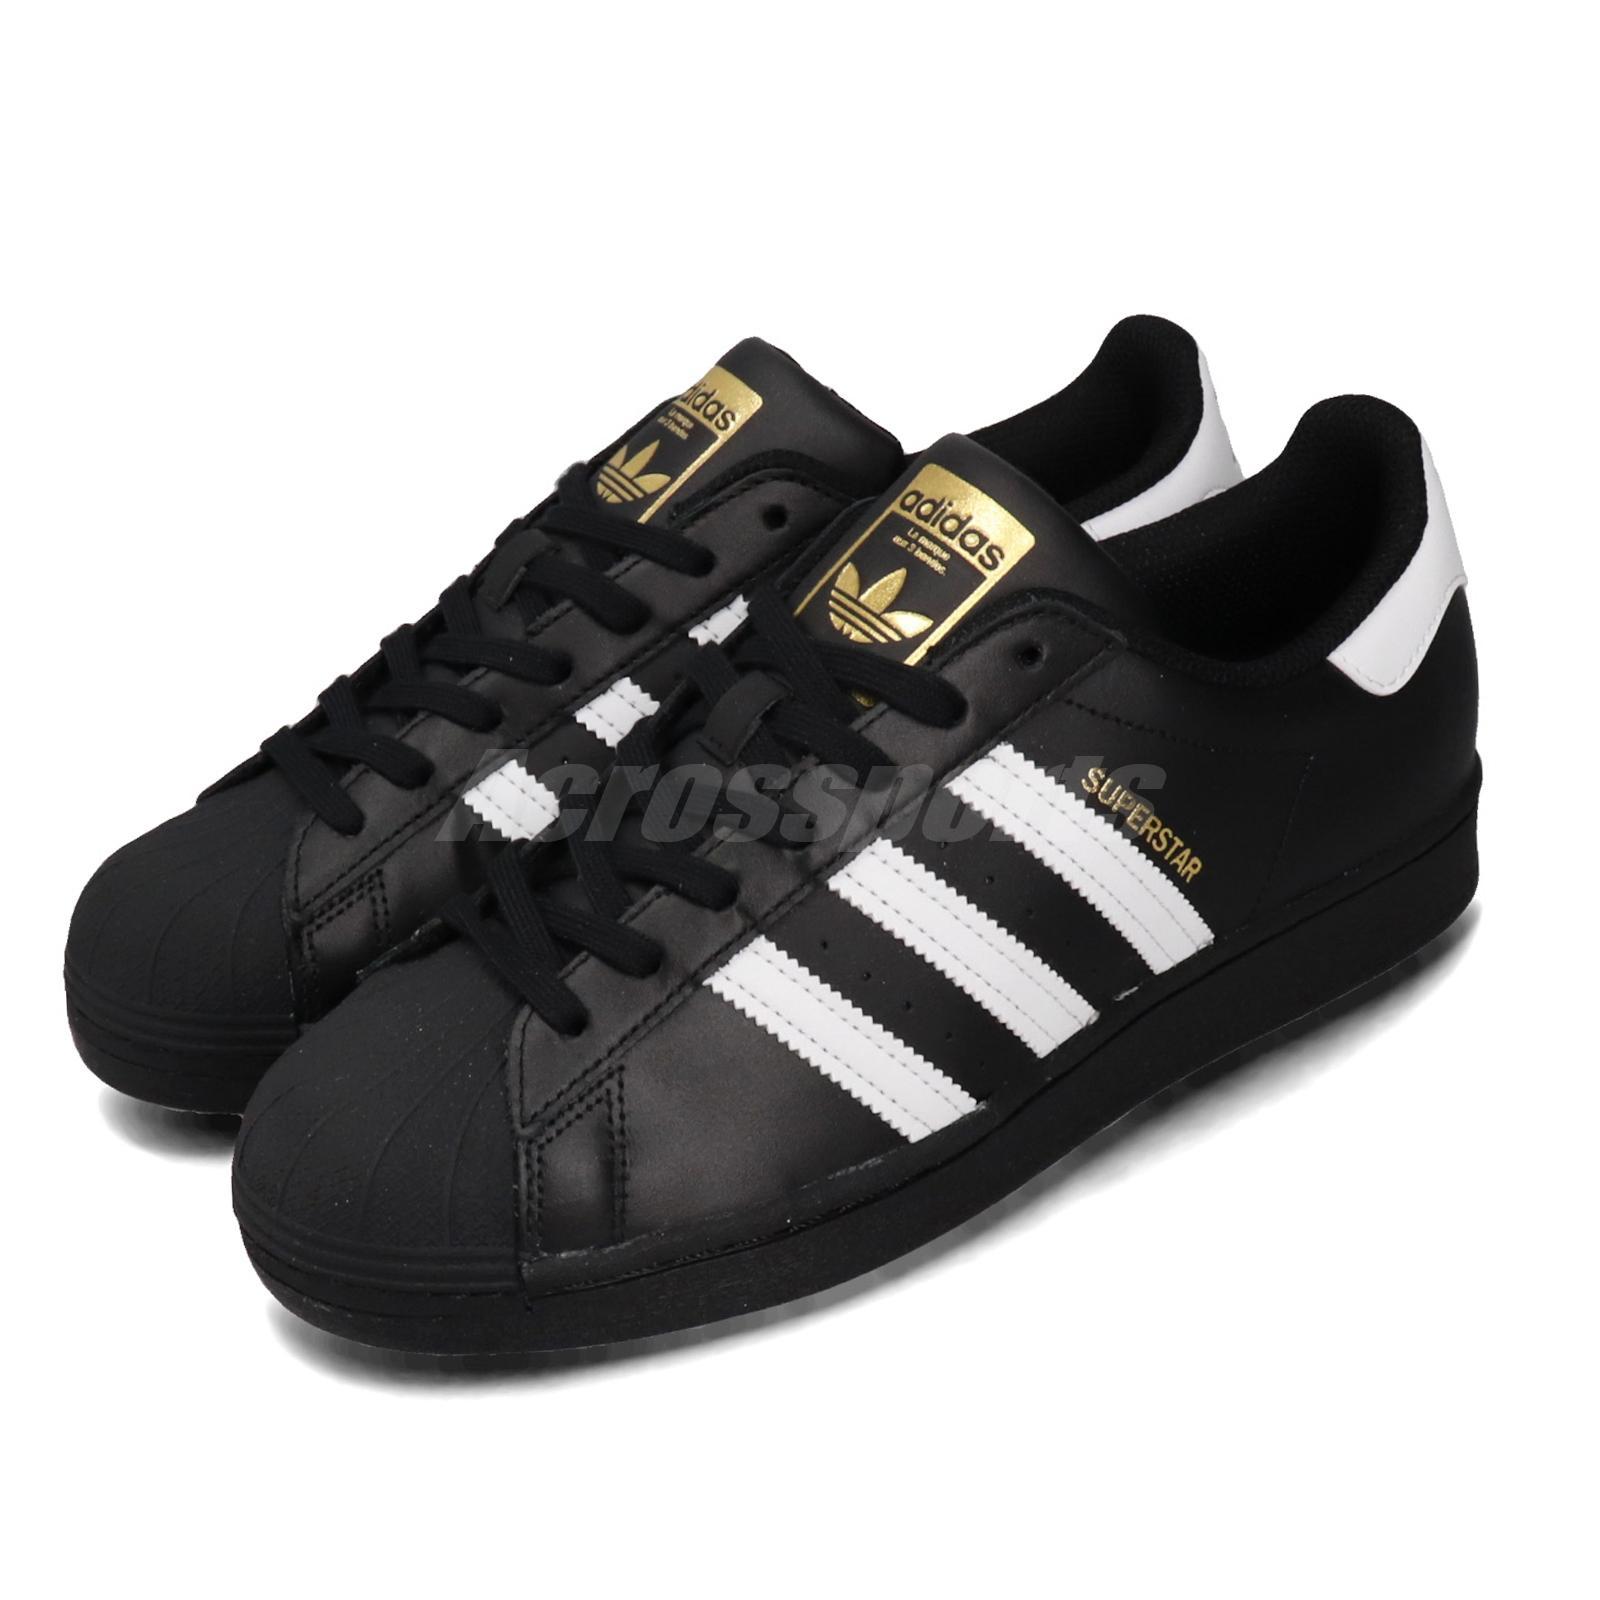 adidas Originals Superstar Black White Gold Men Women Unisex ...